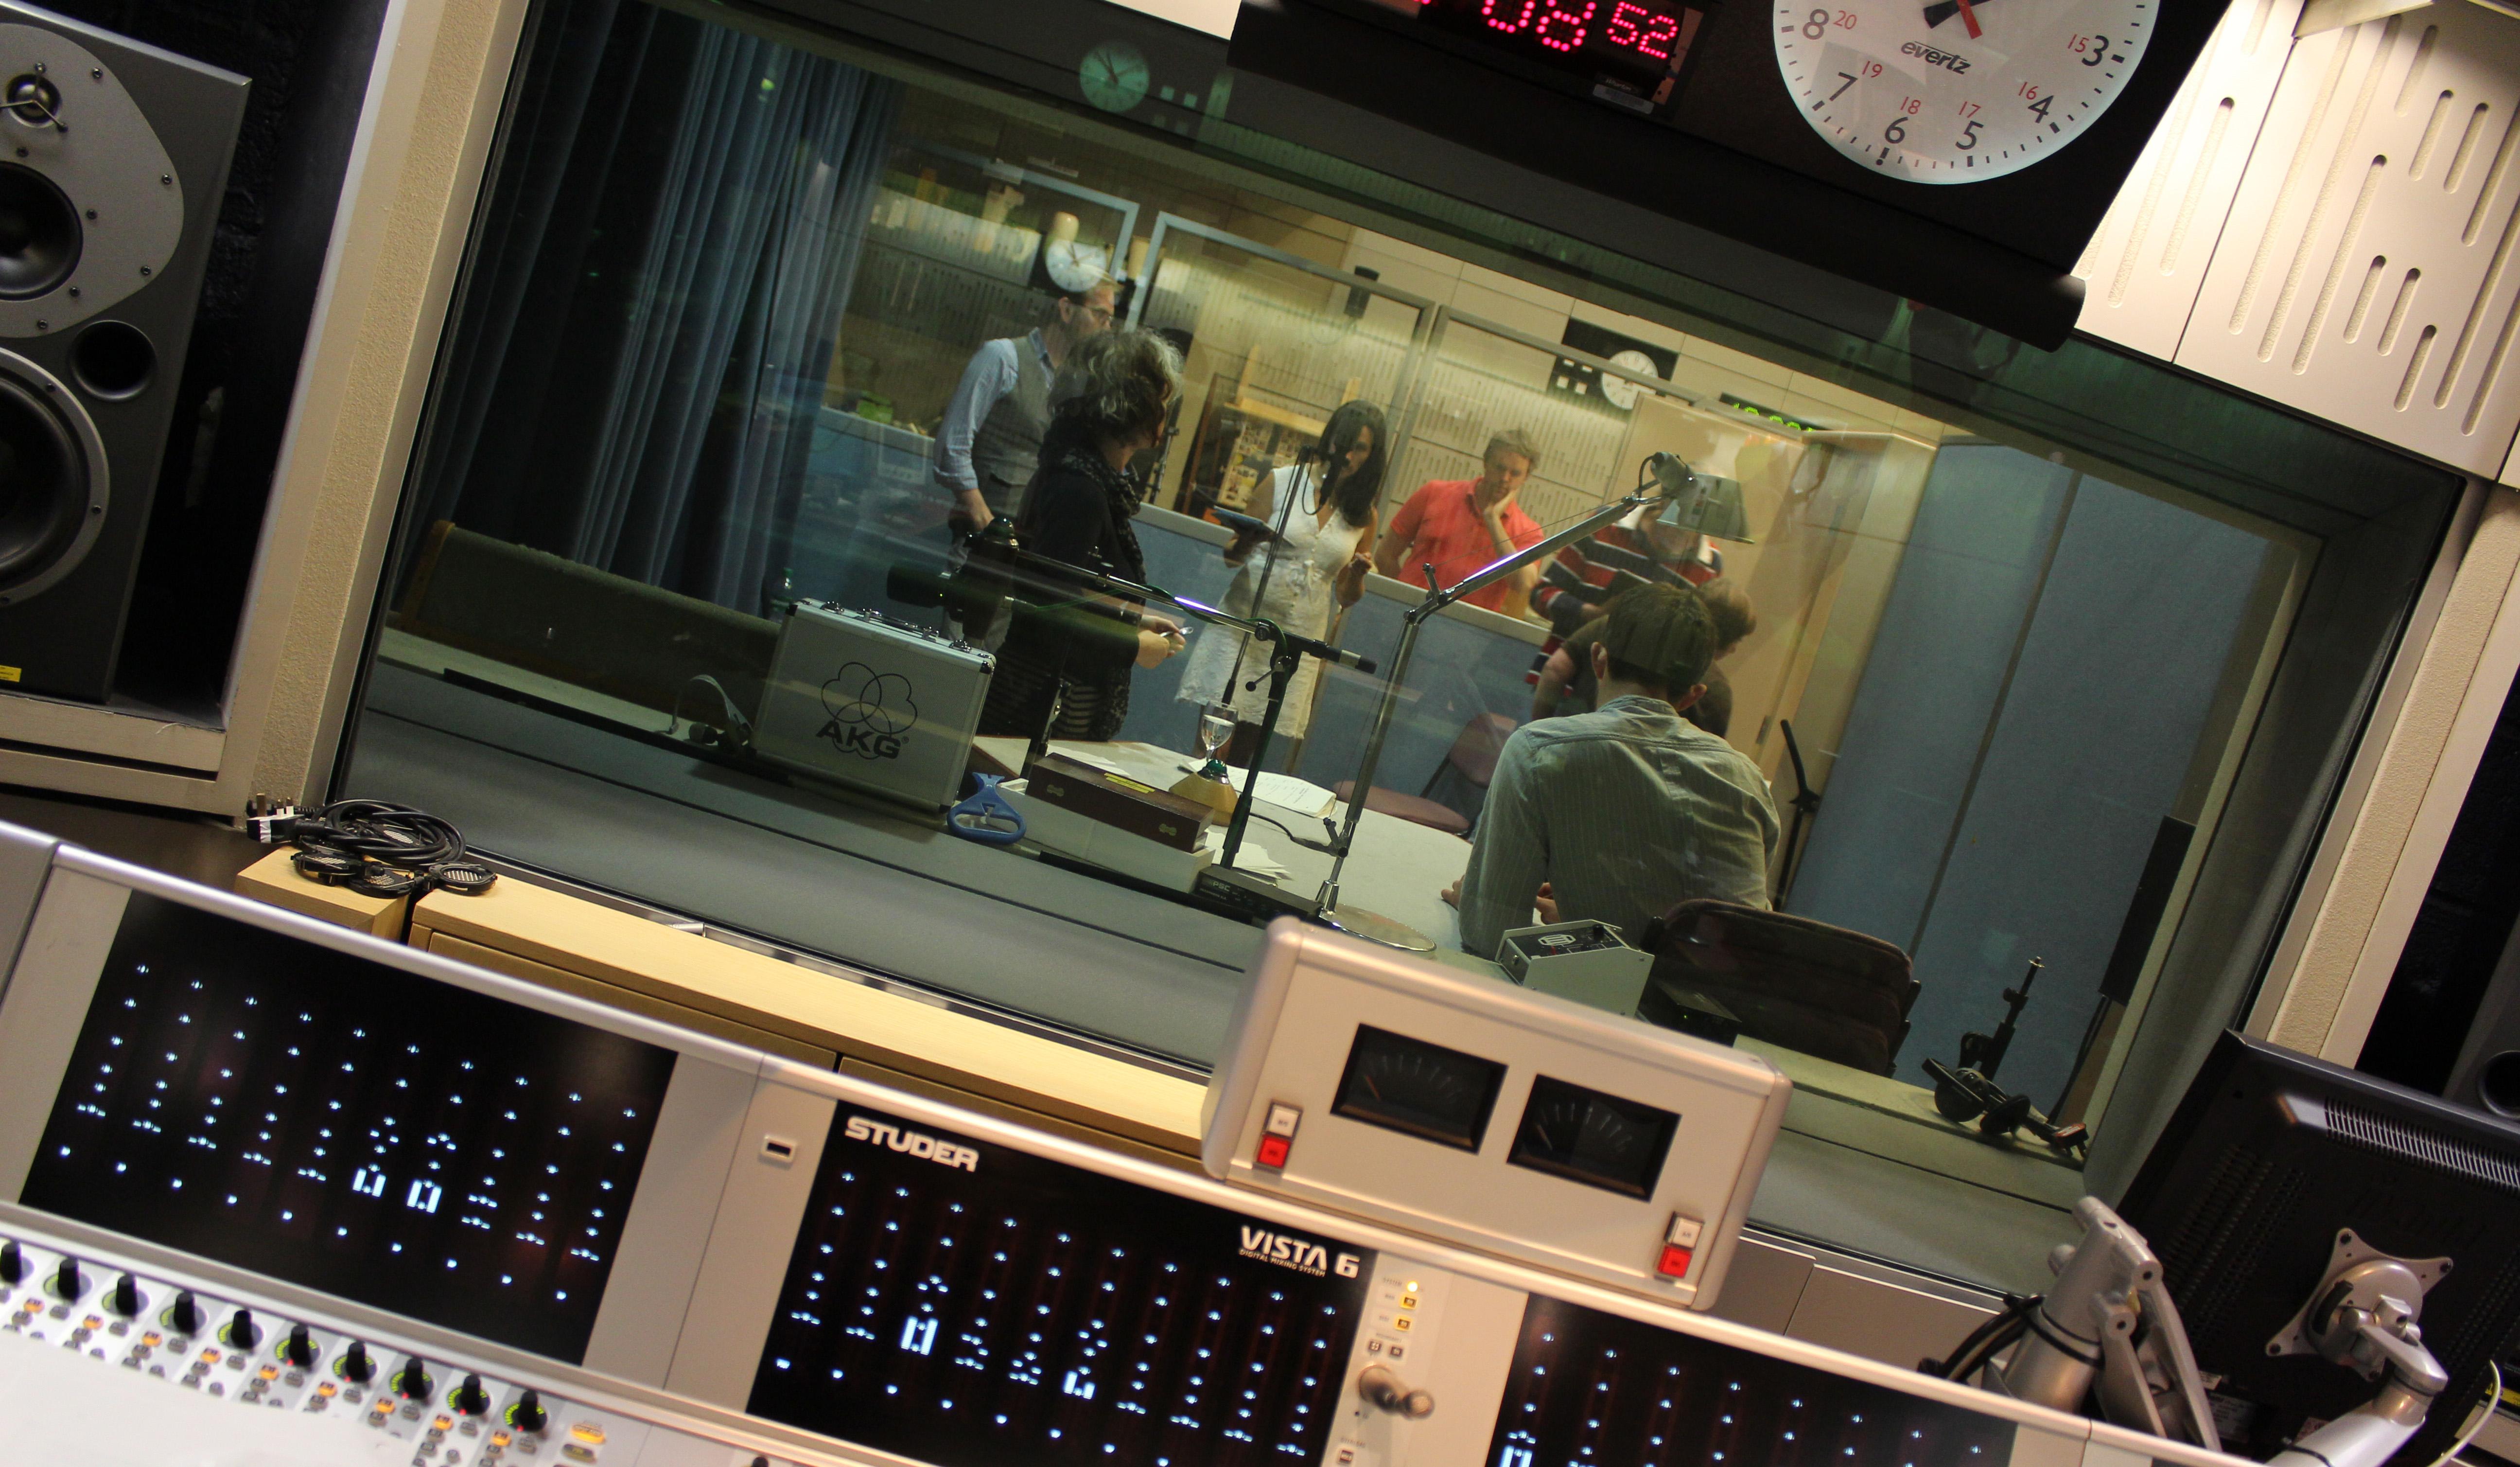 Radio Drama recording